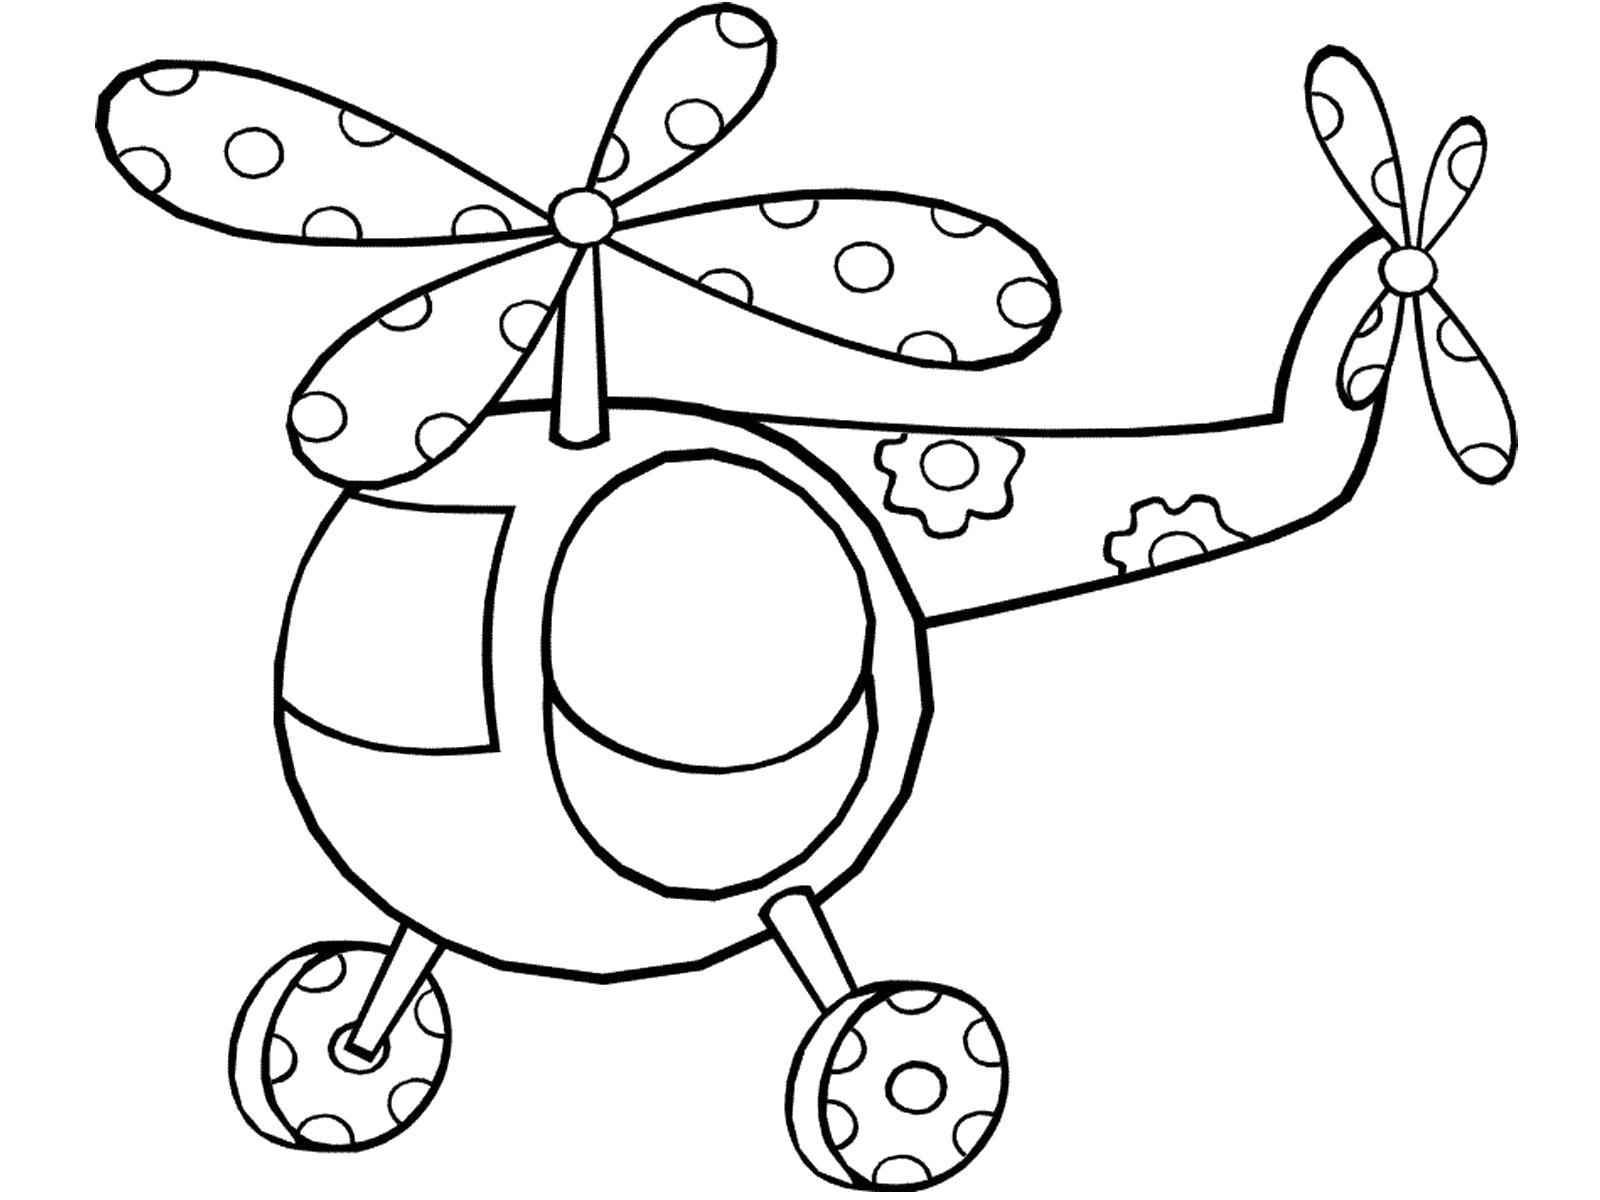 Раскраска Милый вертолет. Скачать Транспорт.  Распечатать Транспорт